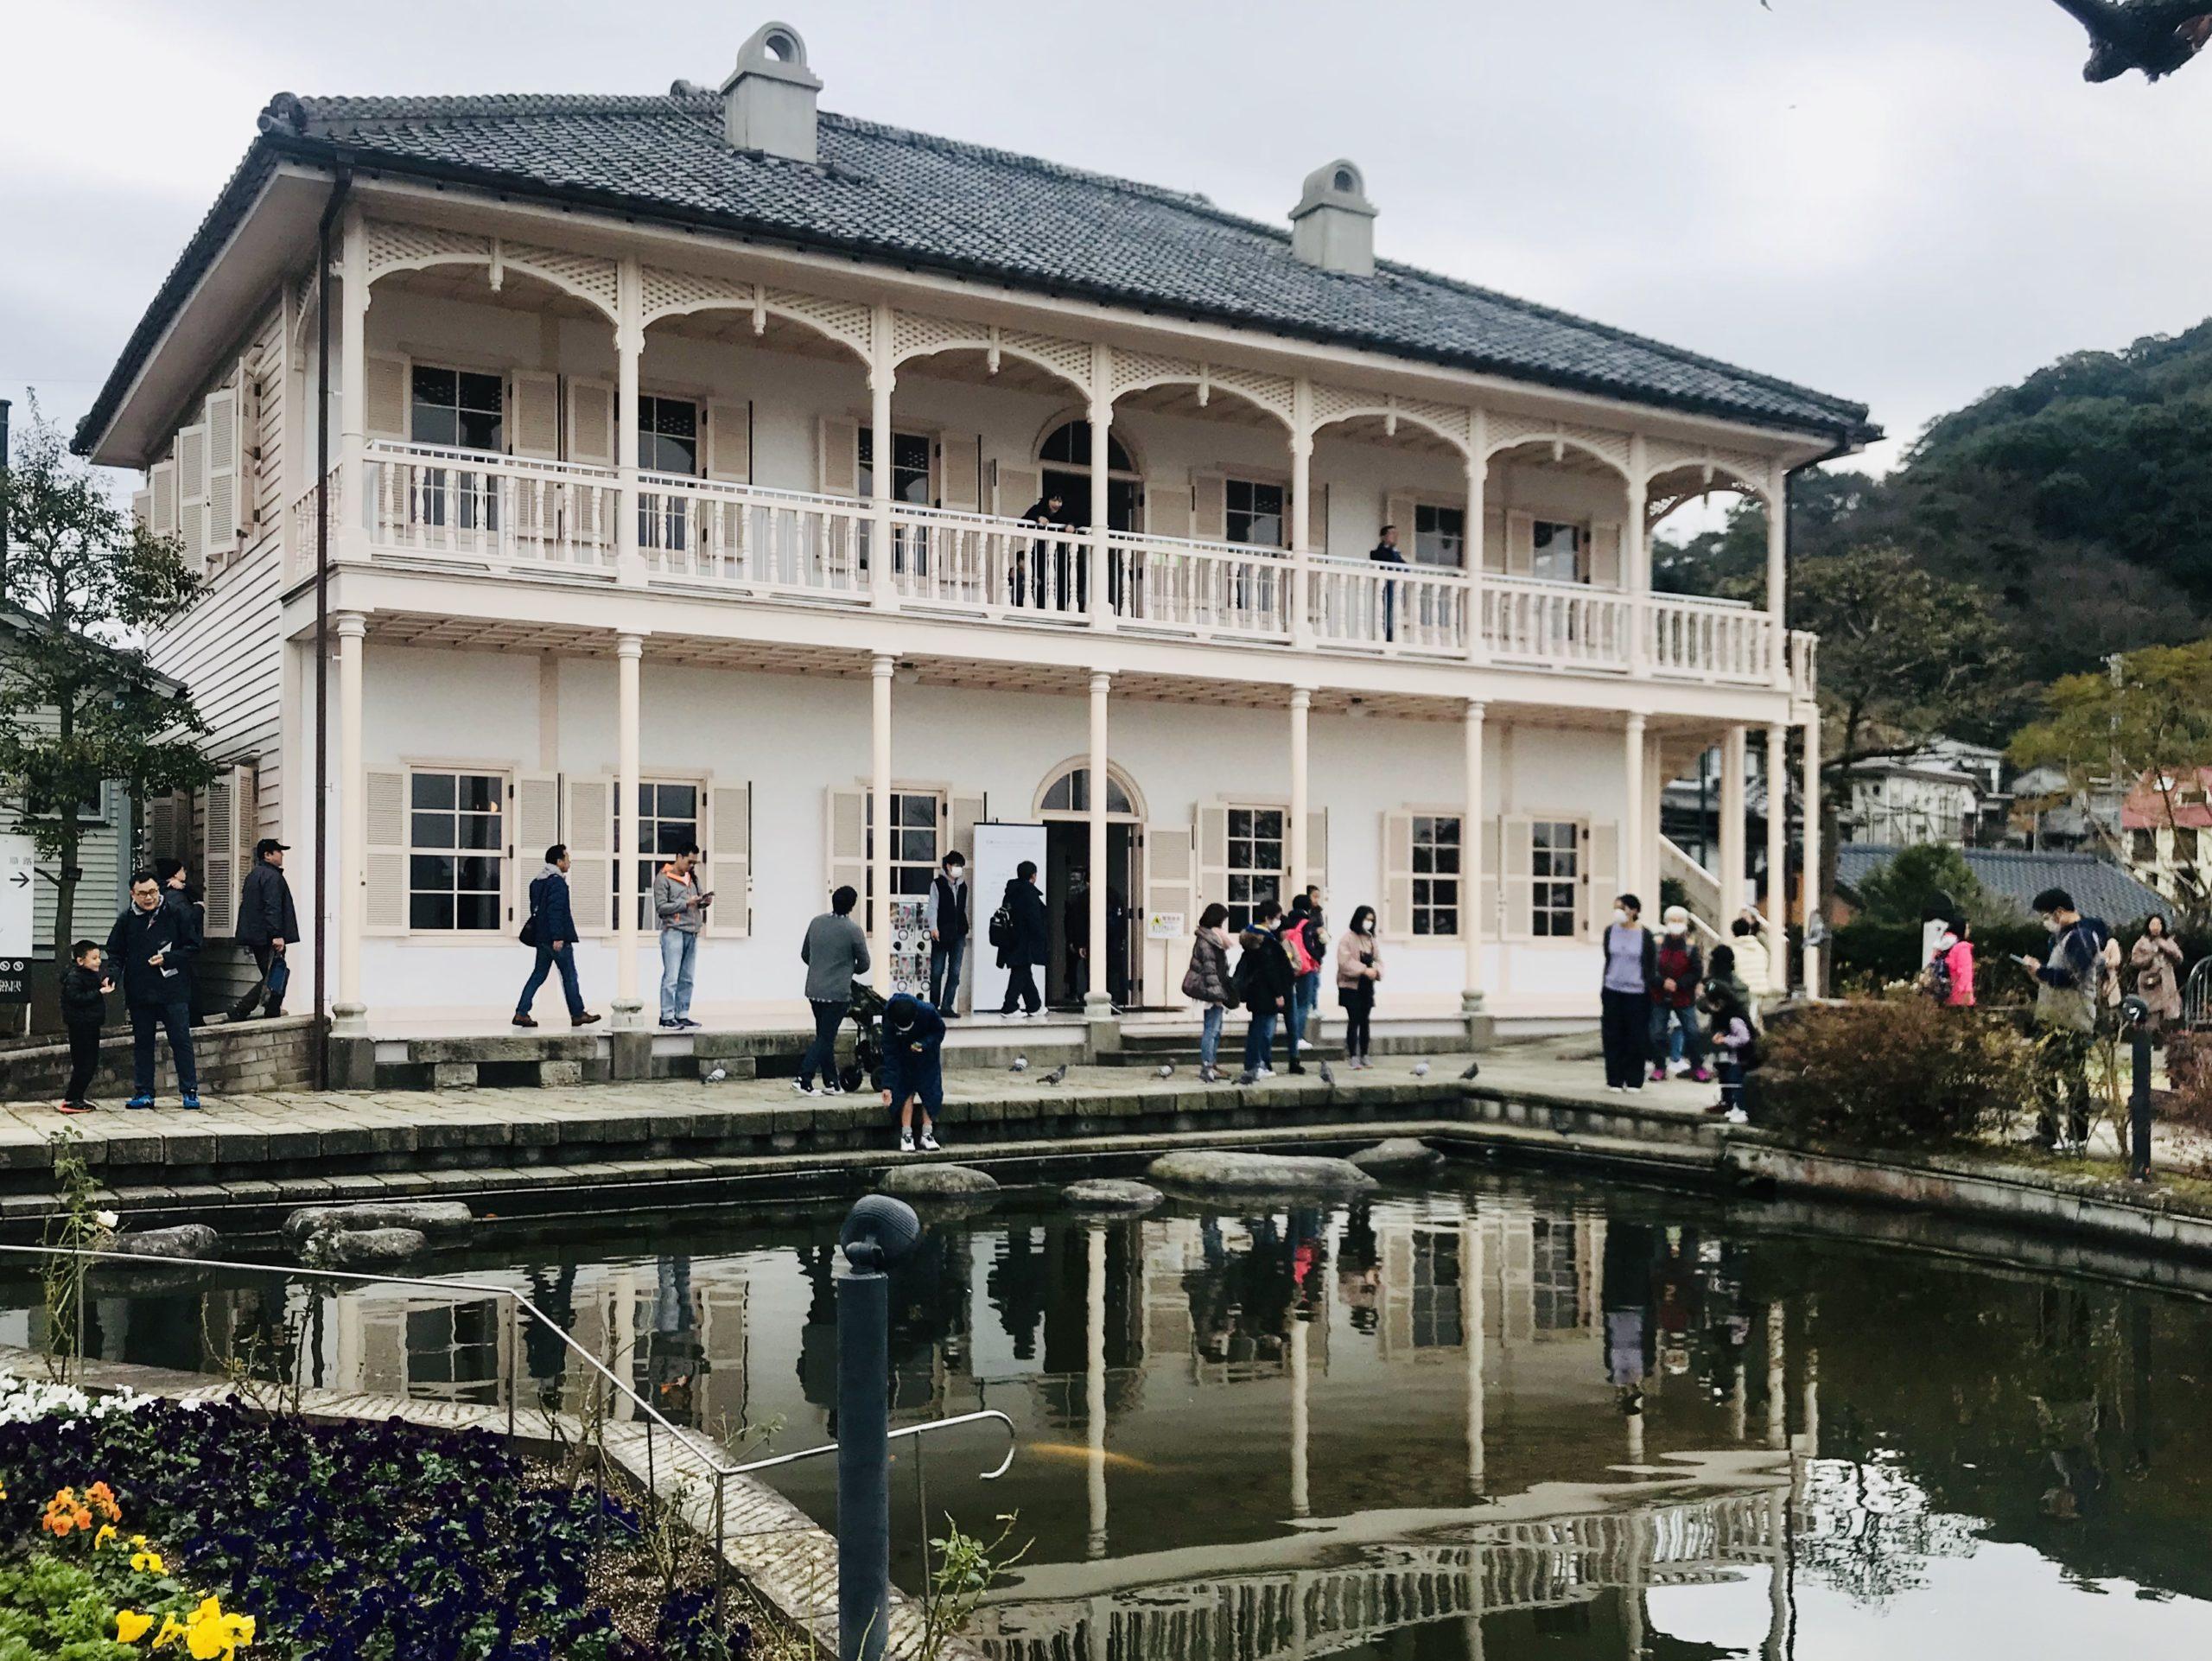 Maison d'inspiration américaine dans le Jardin Glover